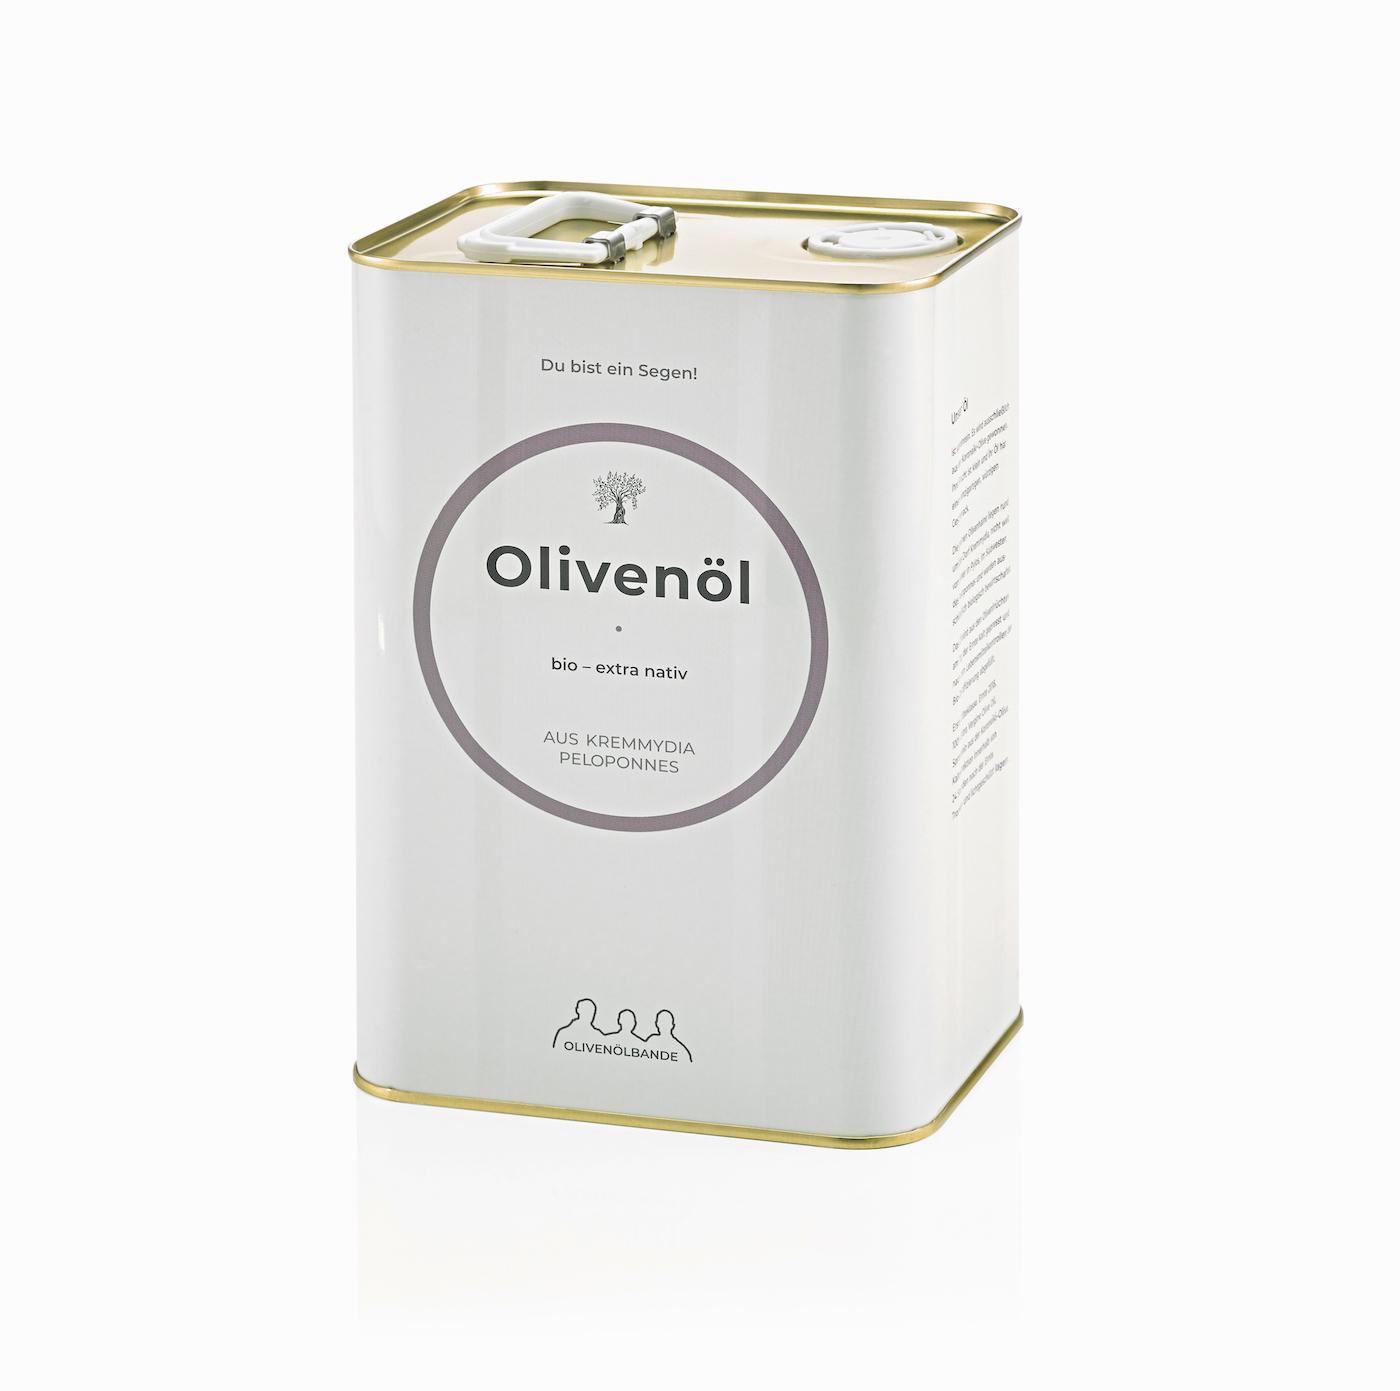 Olivenölbande Olivenöl Lieblingssachen Berlin mit Kind / HIMBEER